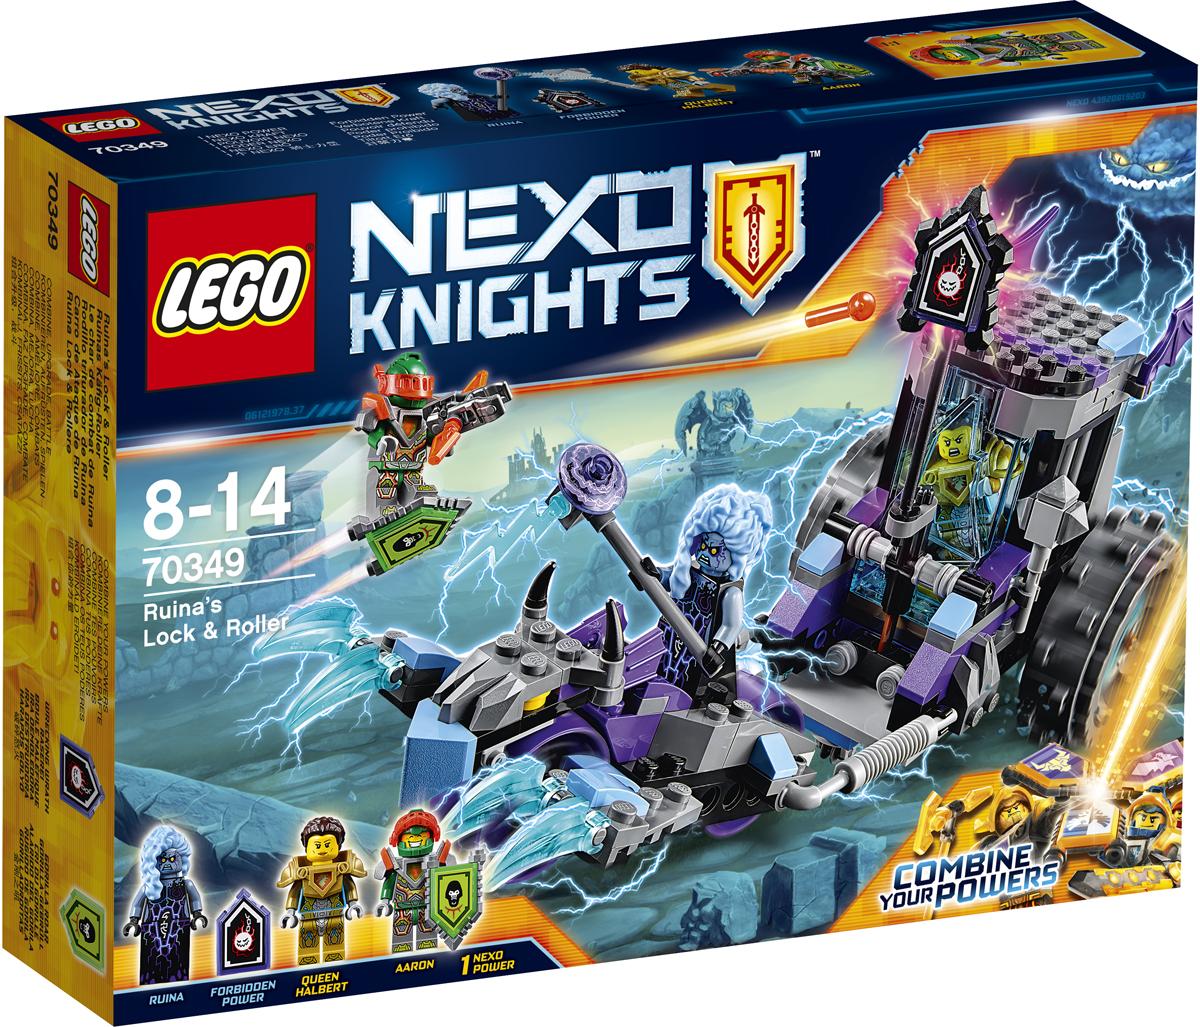 LEGO NEXO KNIGHTS Конструктор Мобильная тюрьма Руины 7034970349Отправляйте героического рыцаря Аарона в самую гущу боя на его летающем щите. Стреляйте из шипомета его Сверкающего арбалета по щиту запретных сил Передвижной тюрьмы Руины, чтобы освободить дверь клетки и спасти королеву Хальберт. Но берегитесь когтей Каргобайка! В набор входят два щита для сканирования: NEXO-Cила Рев гориллы и запретная сила Сокрушительный гнев. Набор включает в себя 208 разноцветных пластиковых элементов. Конструктор - это один из самых увлекательных и веселых способов времяпрепровождения. Ребенок сможет часами играть с конструктором, придумывая различные ситуации и истории.